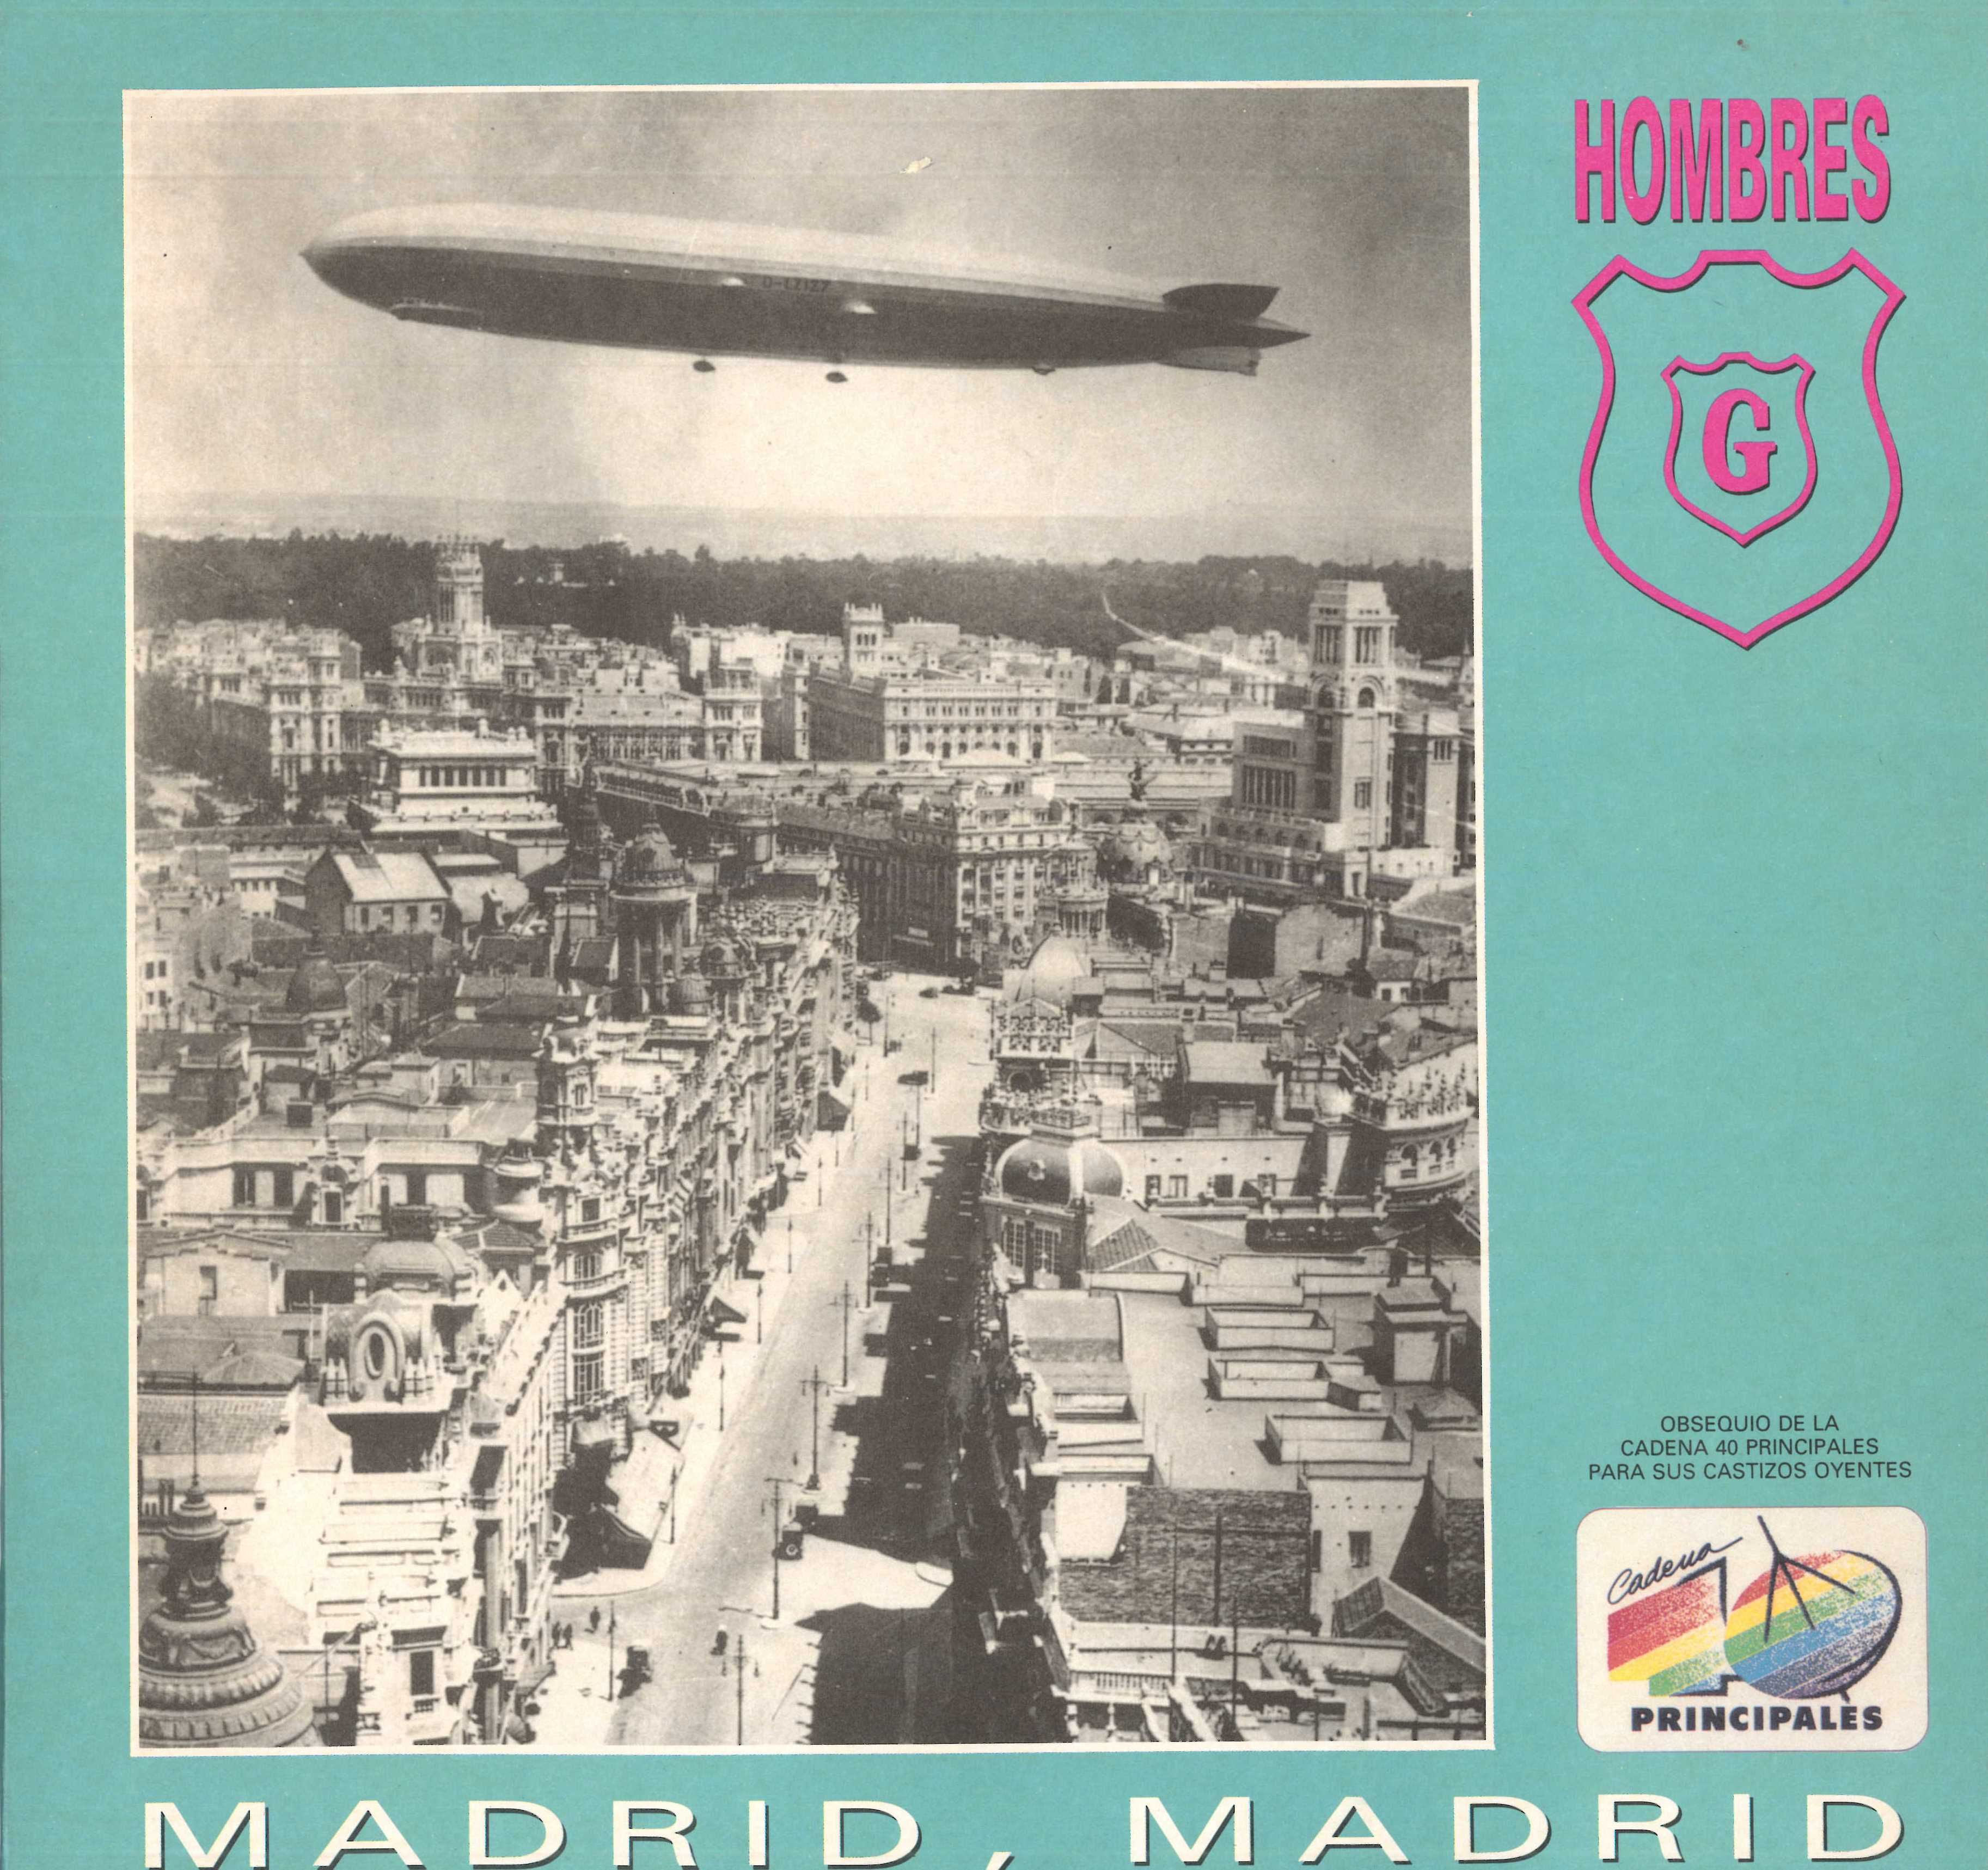 Madrid, Madrid (Edición especial 40)